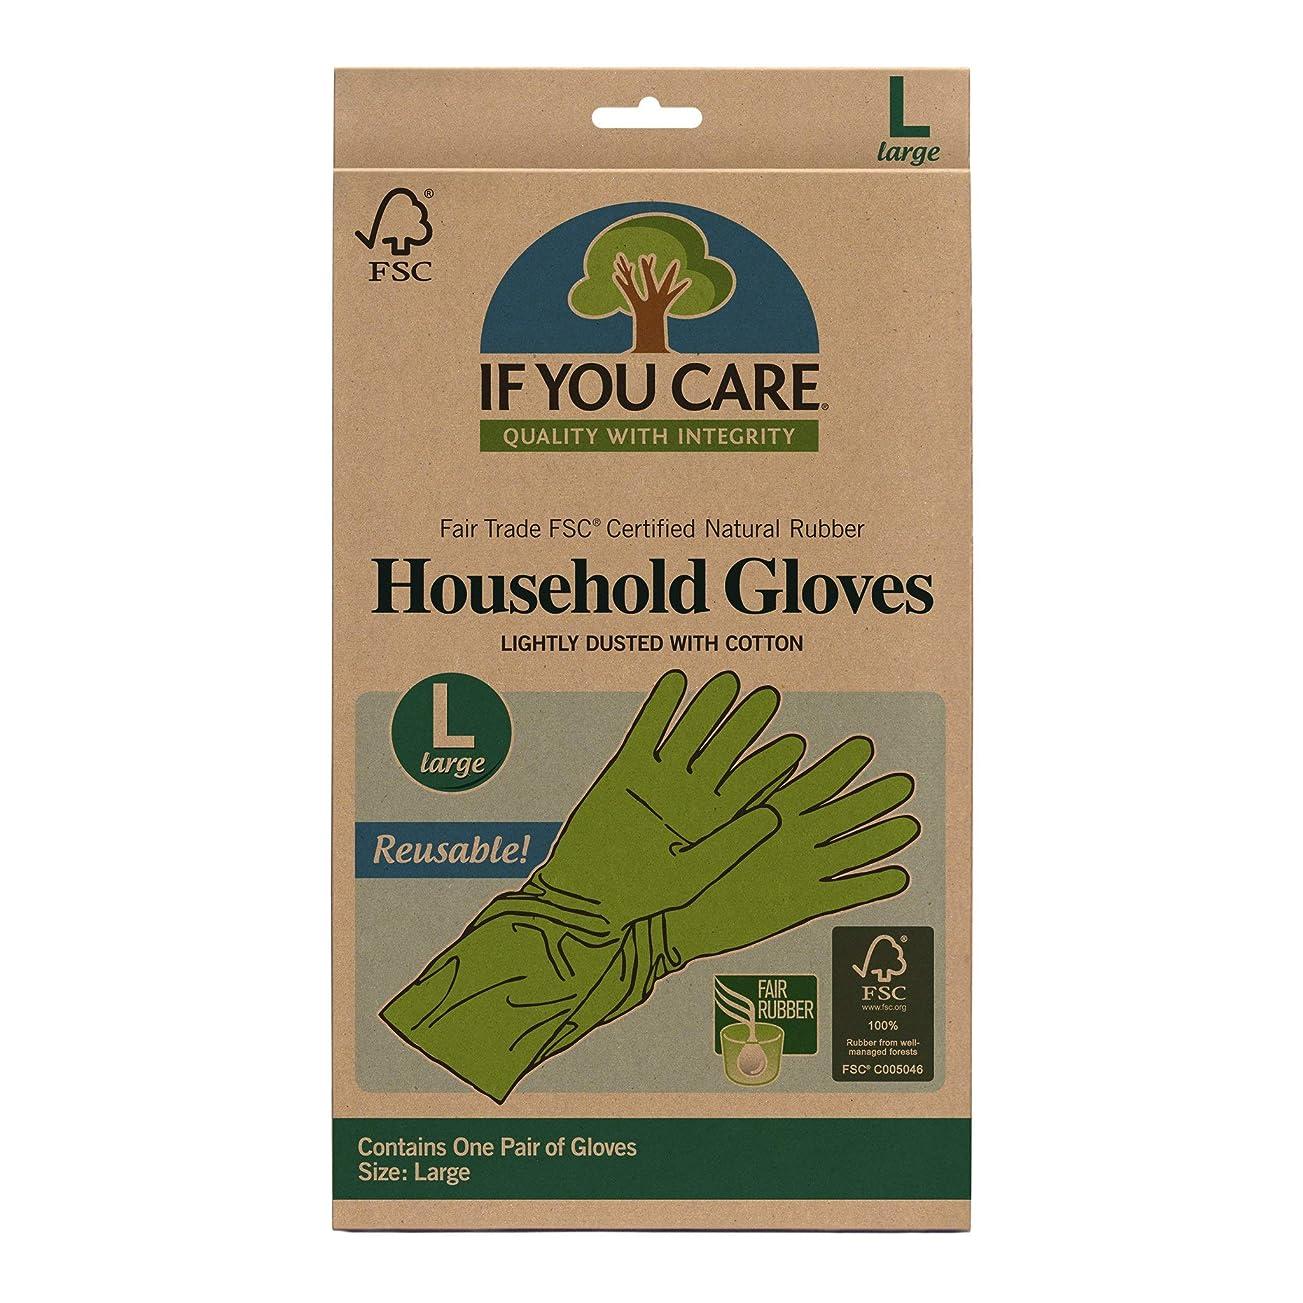 割り当て放射能憂慮すべき海外直送品Household Gloves Latex Cotton Flock Lined, Large 1 PAIR by If You Care